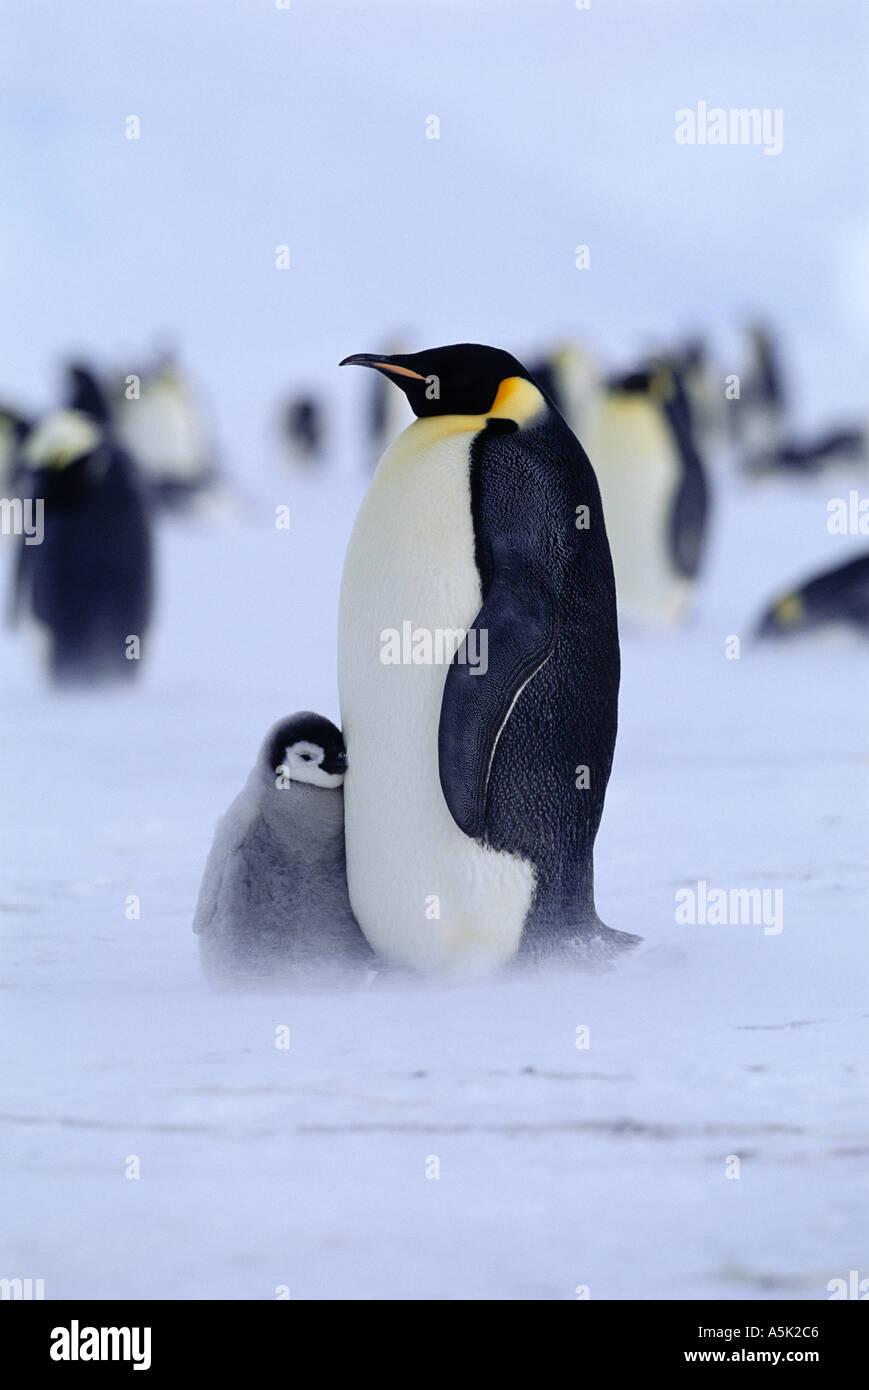 Pinguino imperatore Aptenodytes forsteri adulto con pulcino Mare di Weddell Antartide Immagini Stock